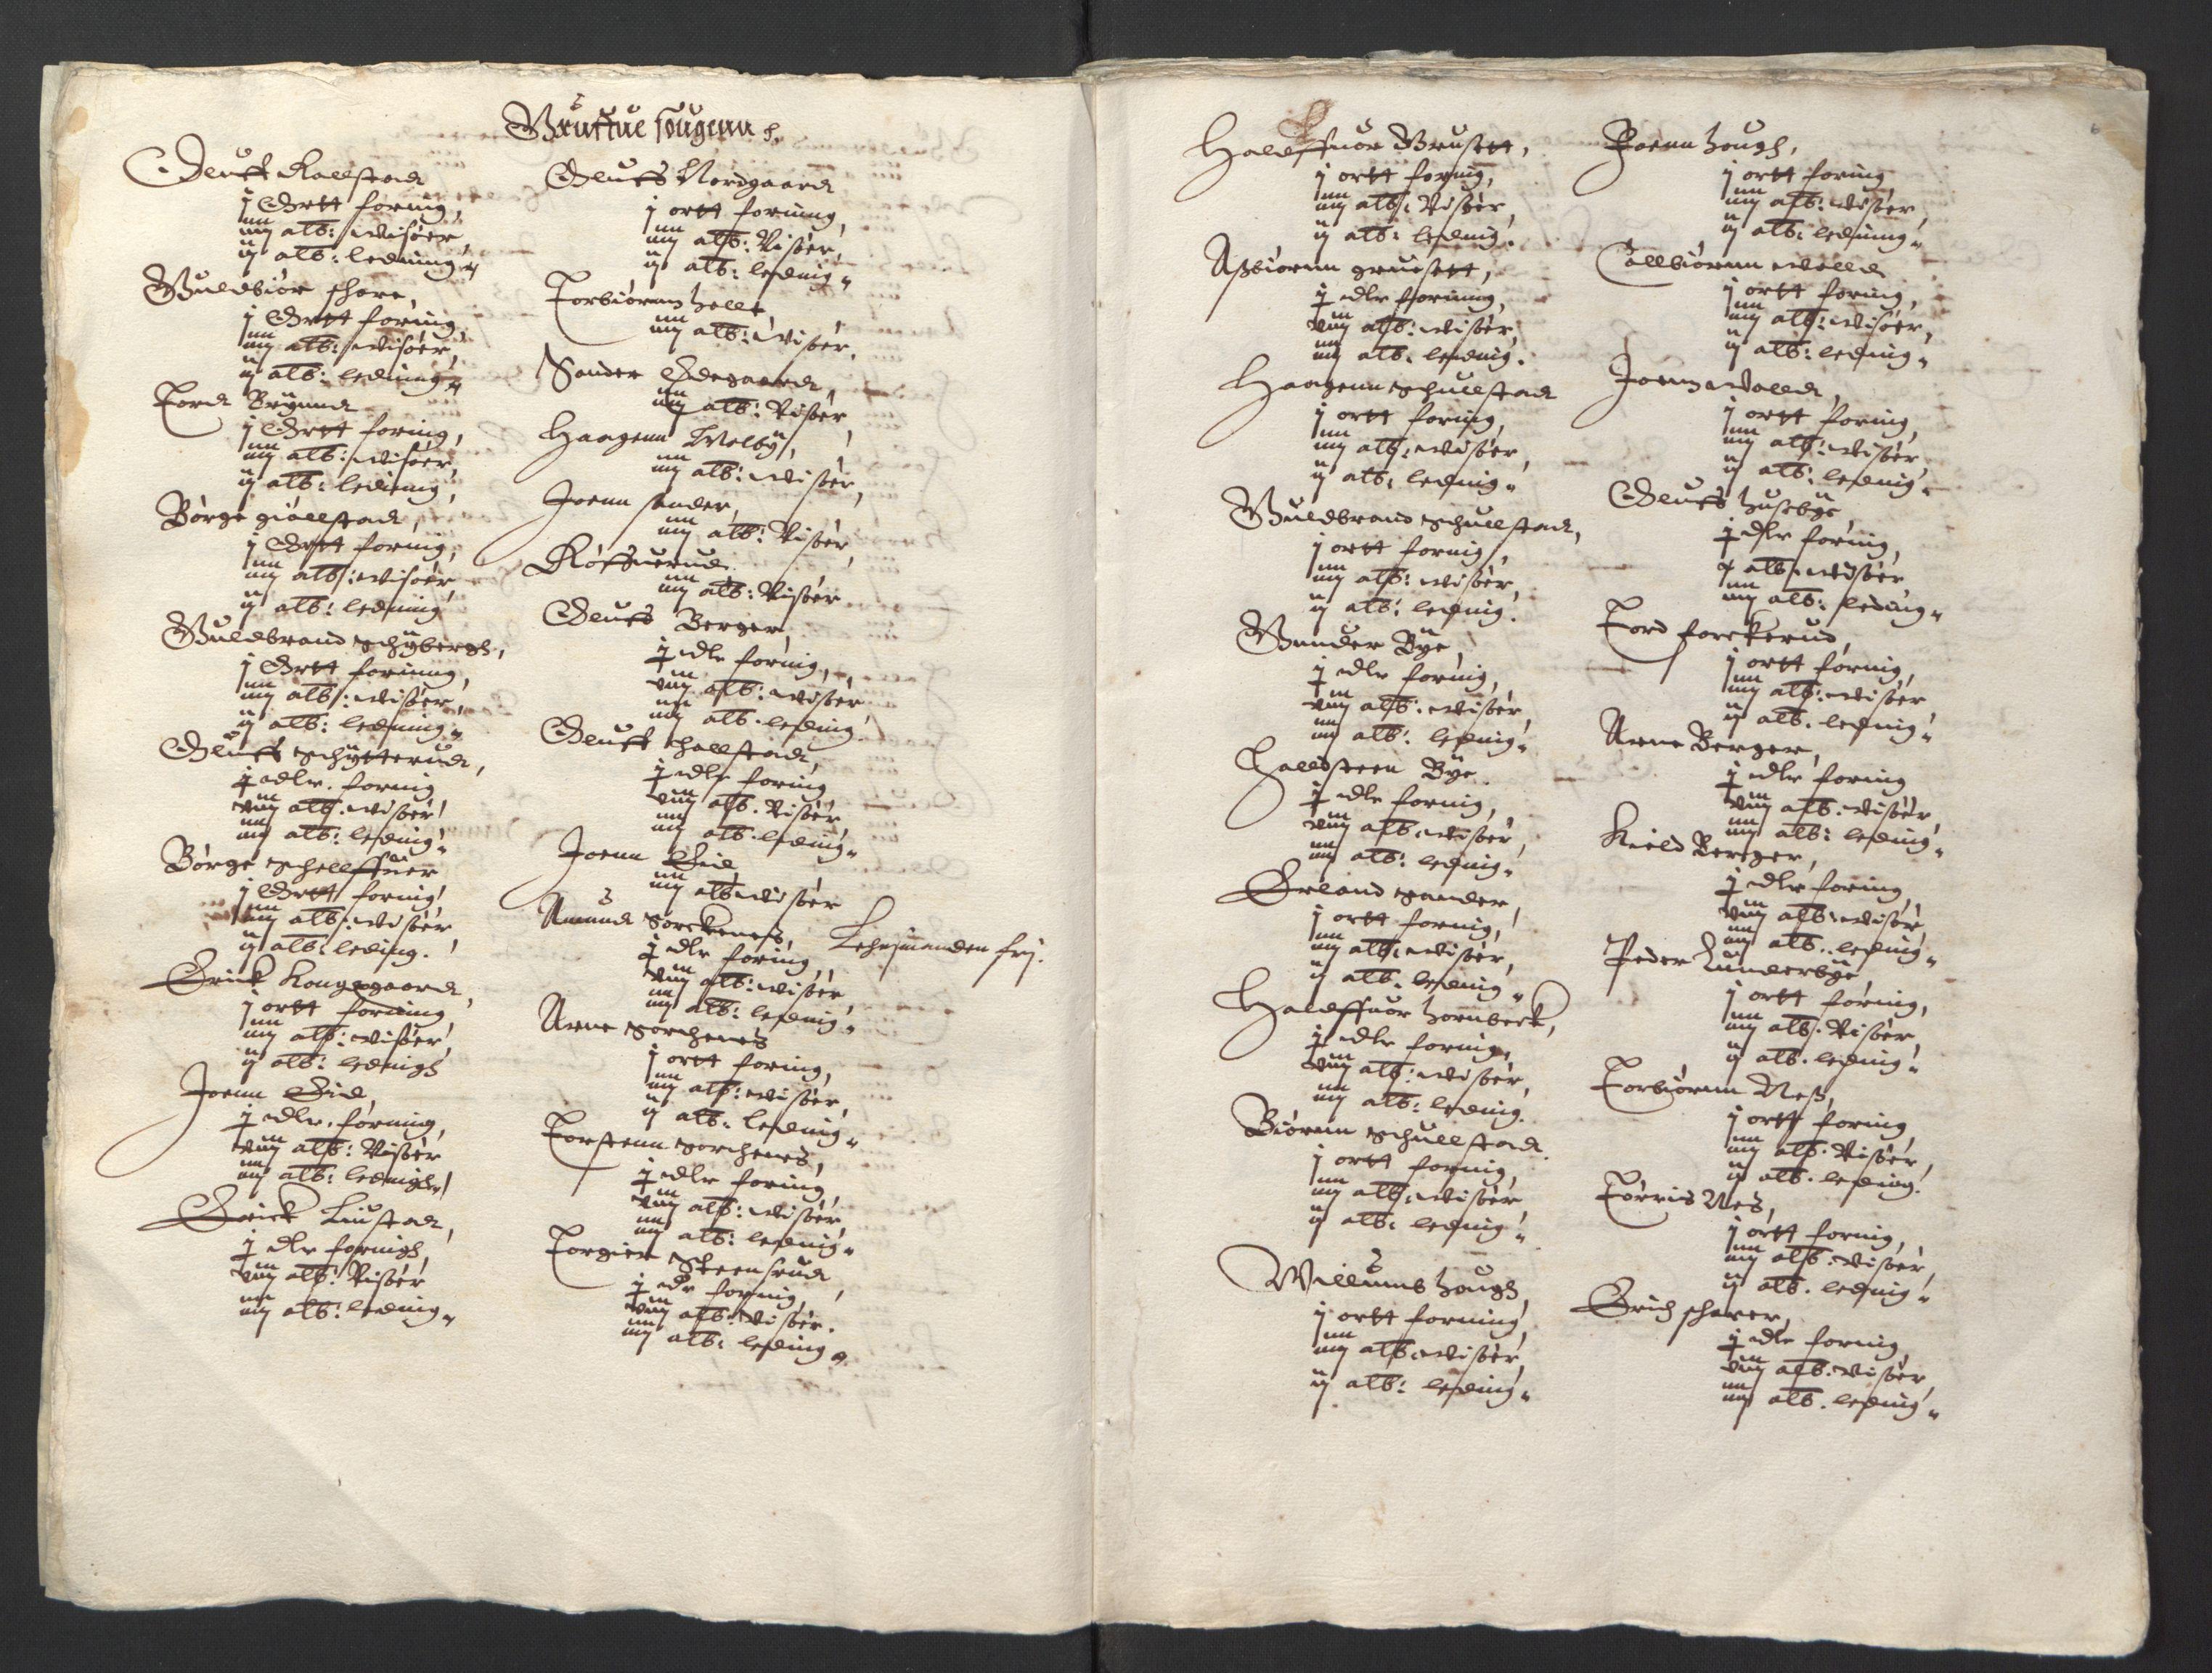 RA, Stattholderembetet 1572-1771, Ek/L0001: Jordebøker før 1624 og til utligning av garnisonsskatt 1624-1626:, 1624-1625, s. 103